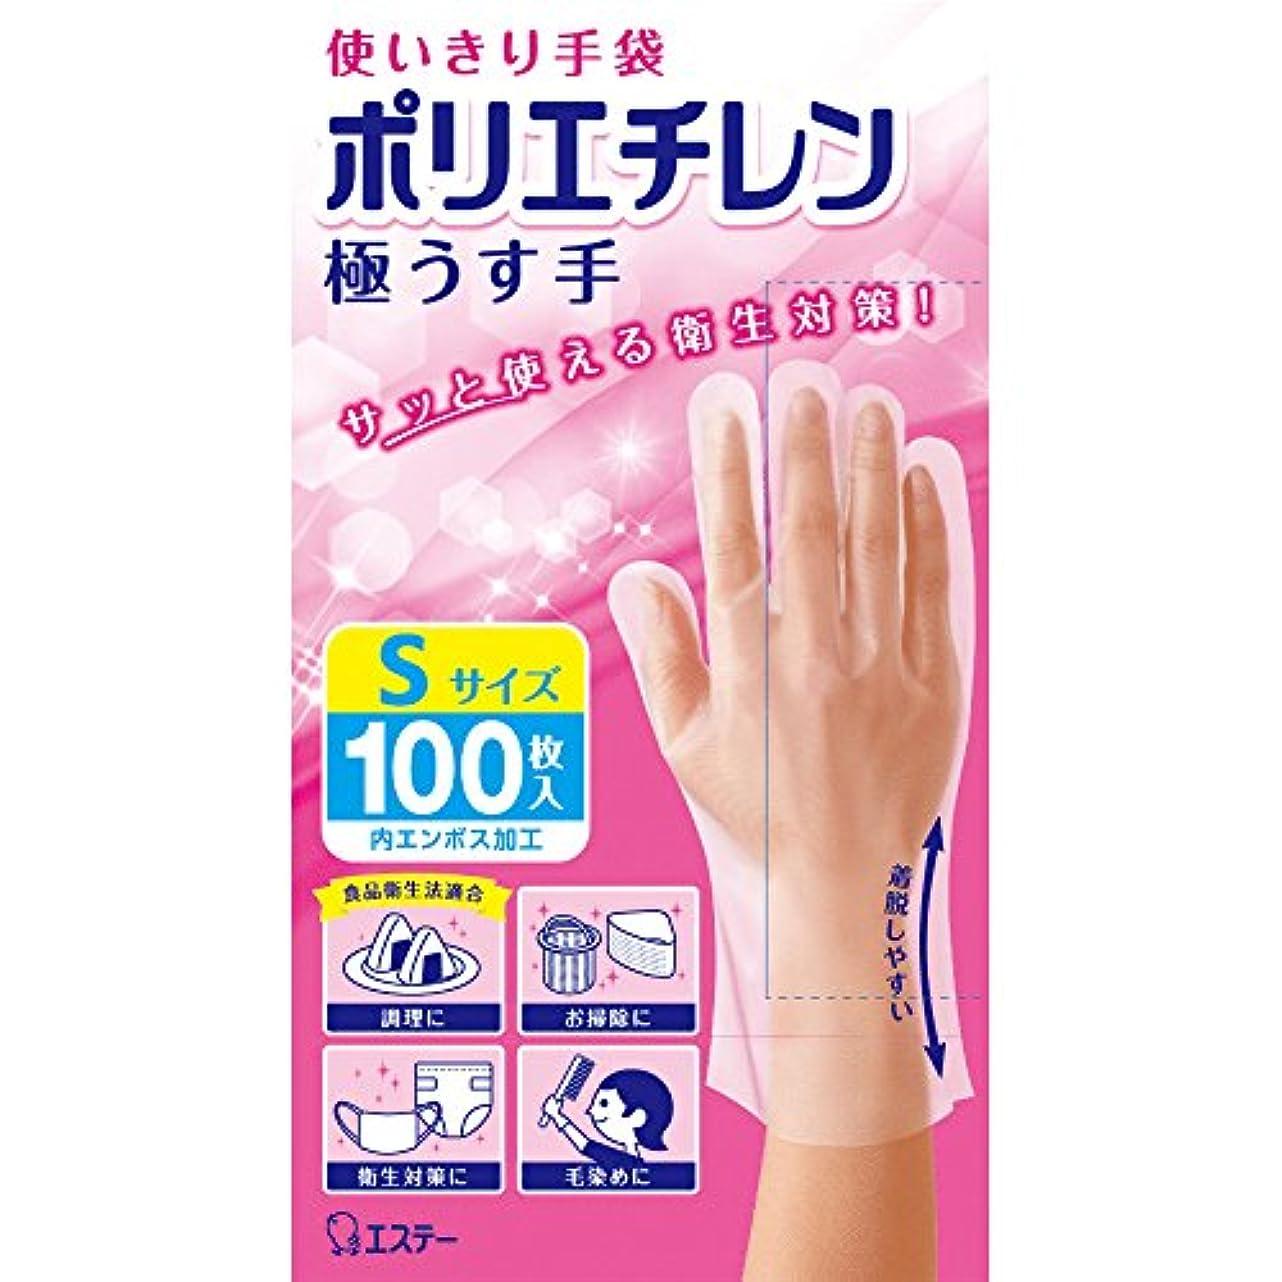 中央値内なる寸前使いきり手袋 ポリエチレン 極うす手 Sサイズ 半透明 100枚